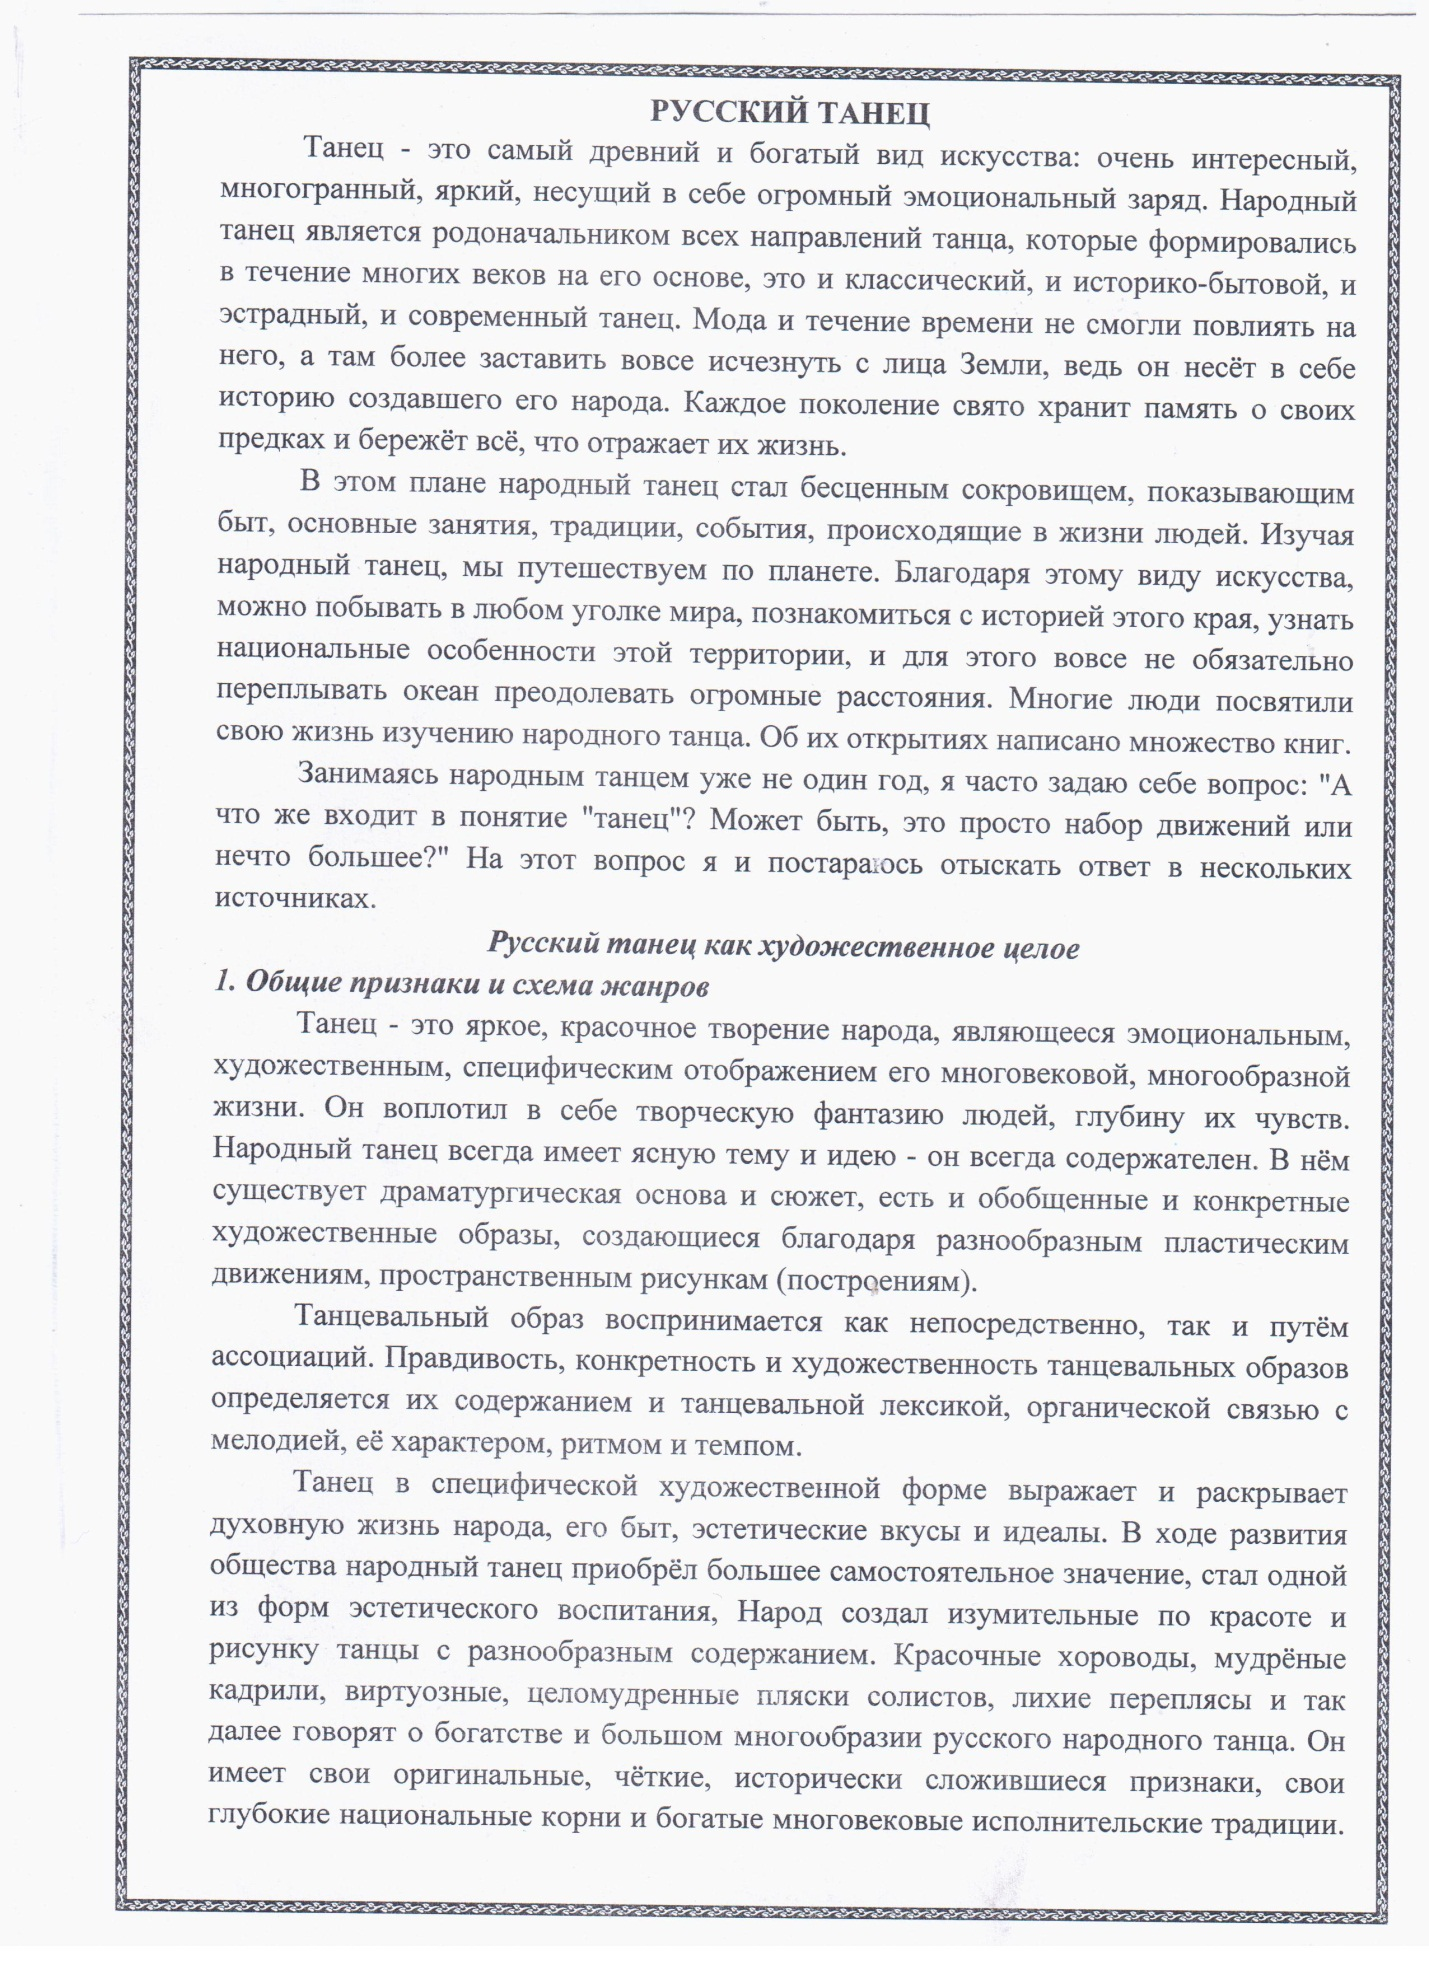 E:\доклад русский танец и еев иды\2.jpeg